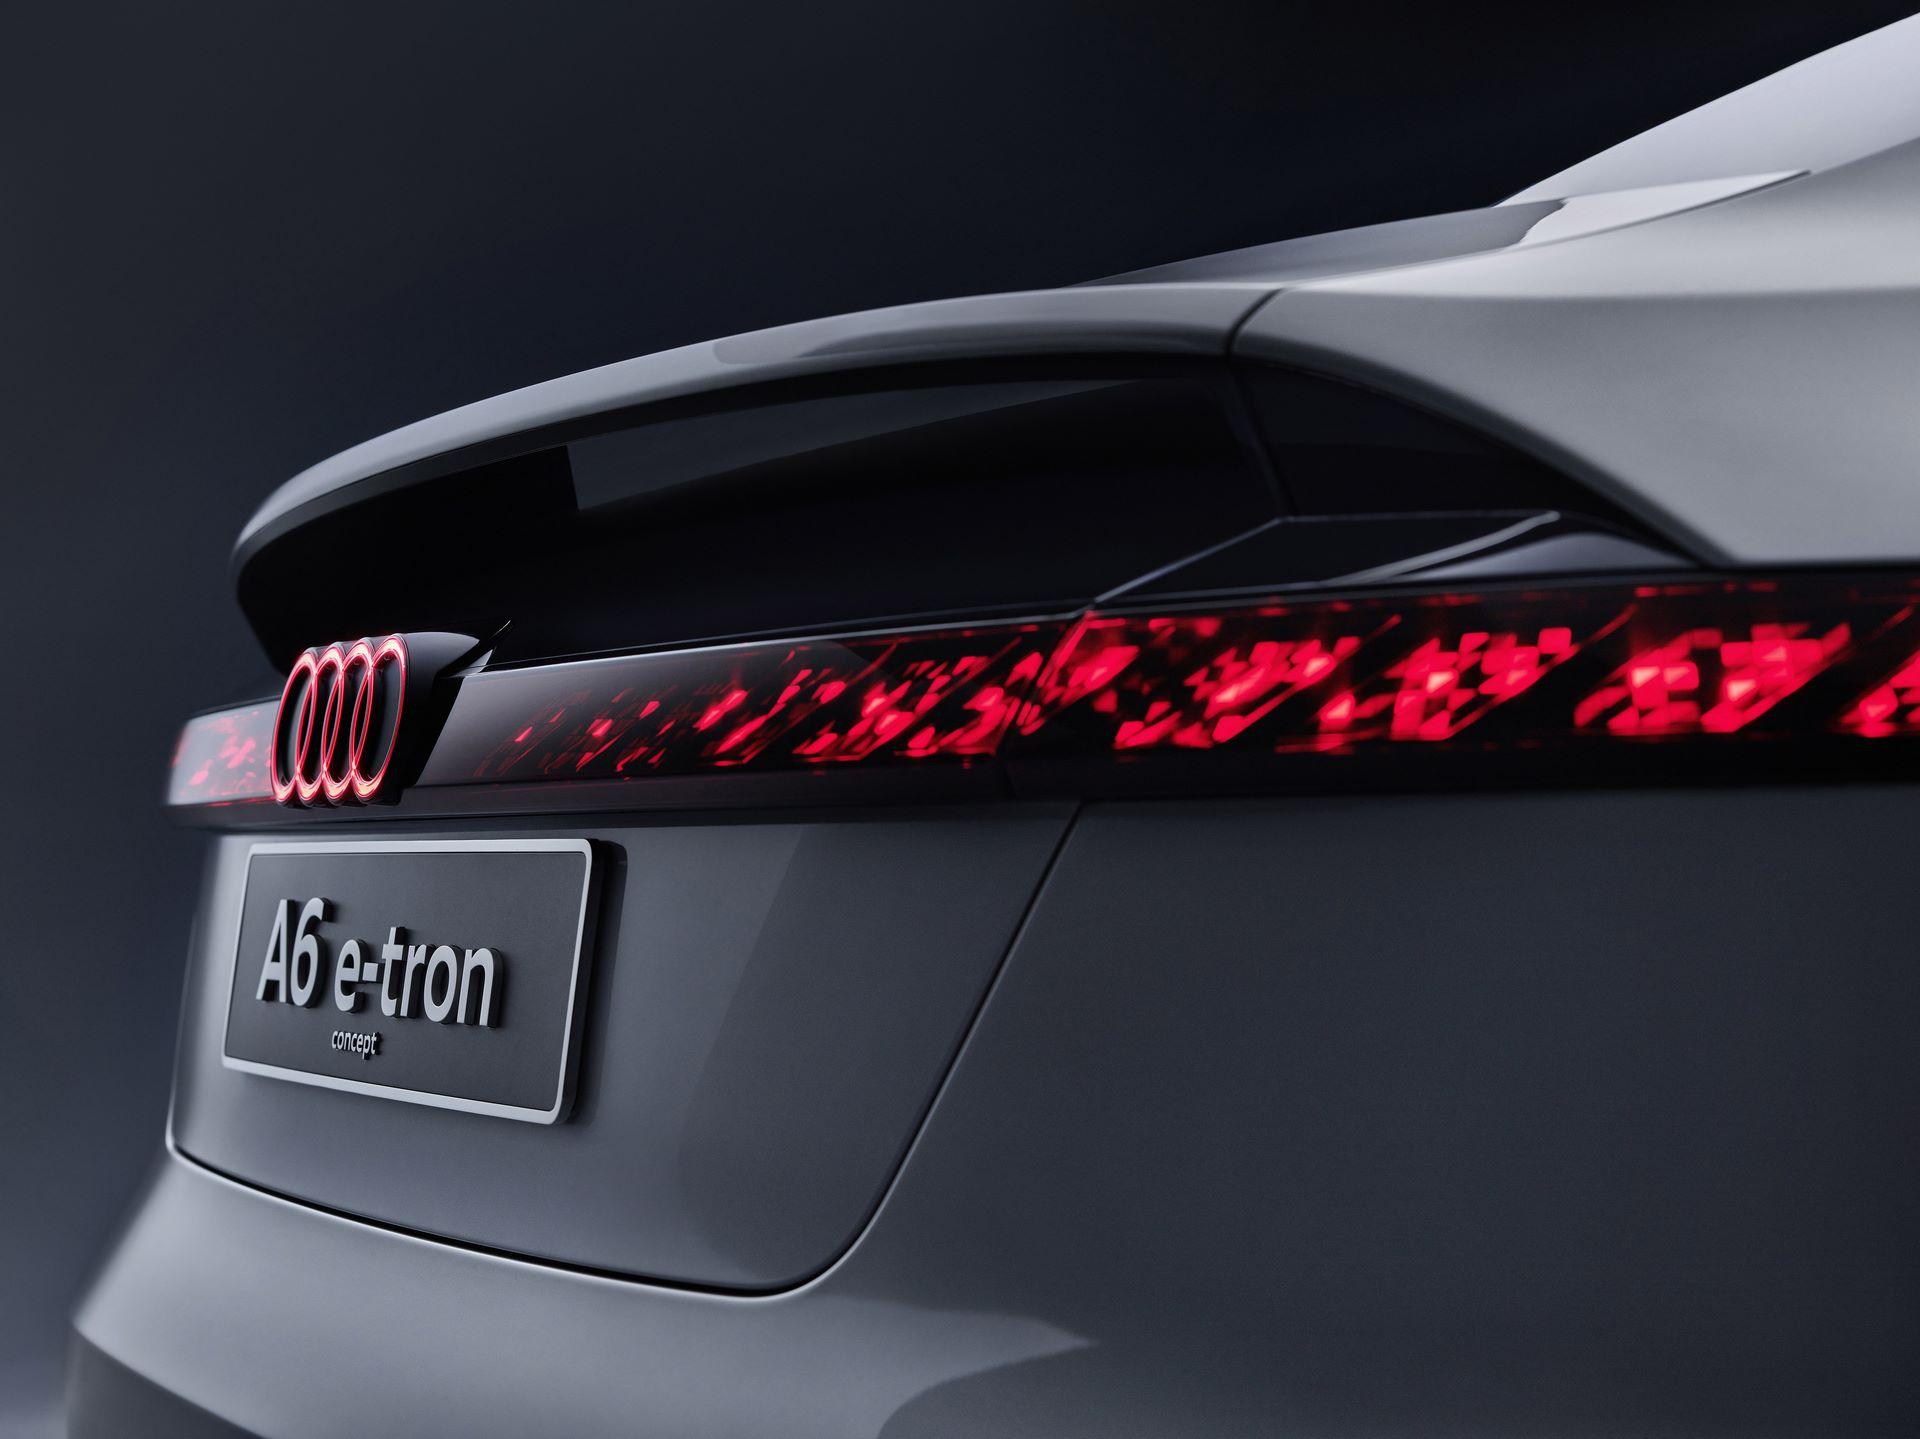 Audi-A6-e-tron-concept-50